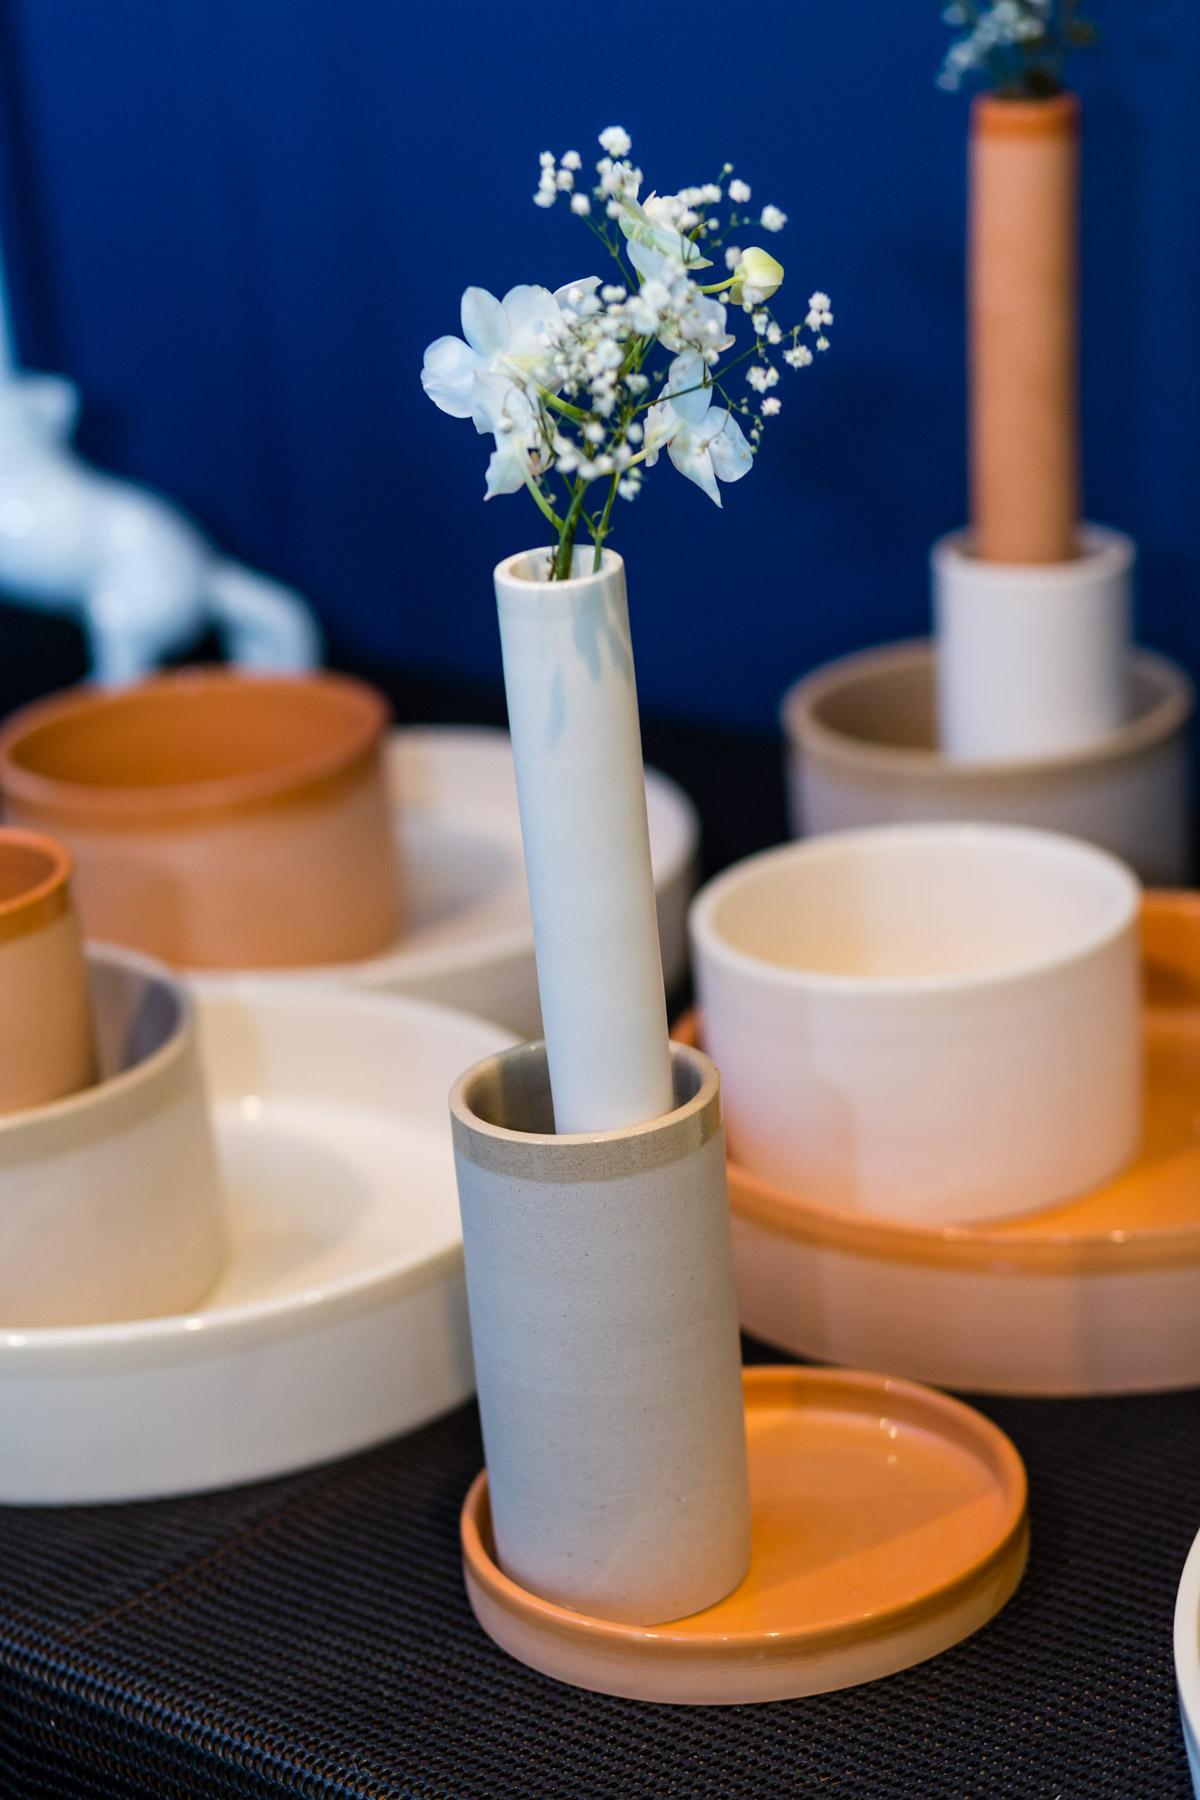 detalhe vasos Trio4, coleção Aterrário  foto: Massimo Failutti